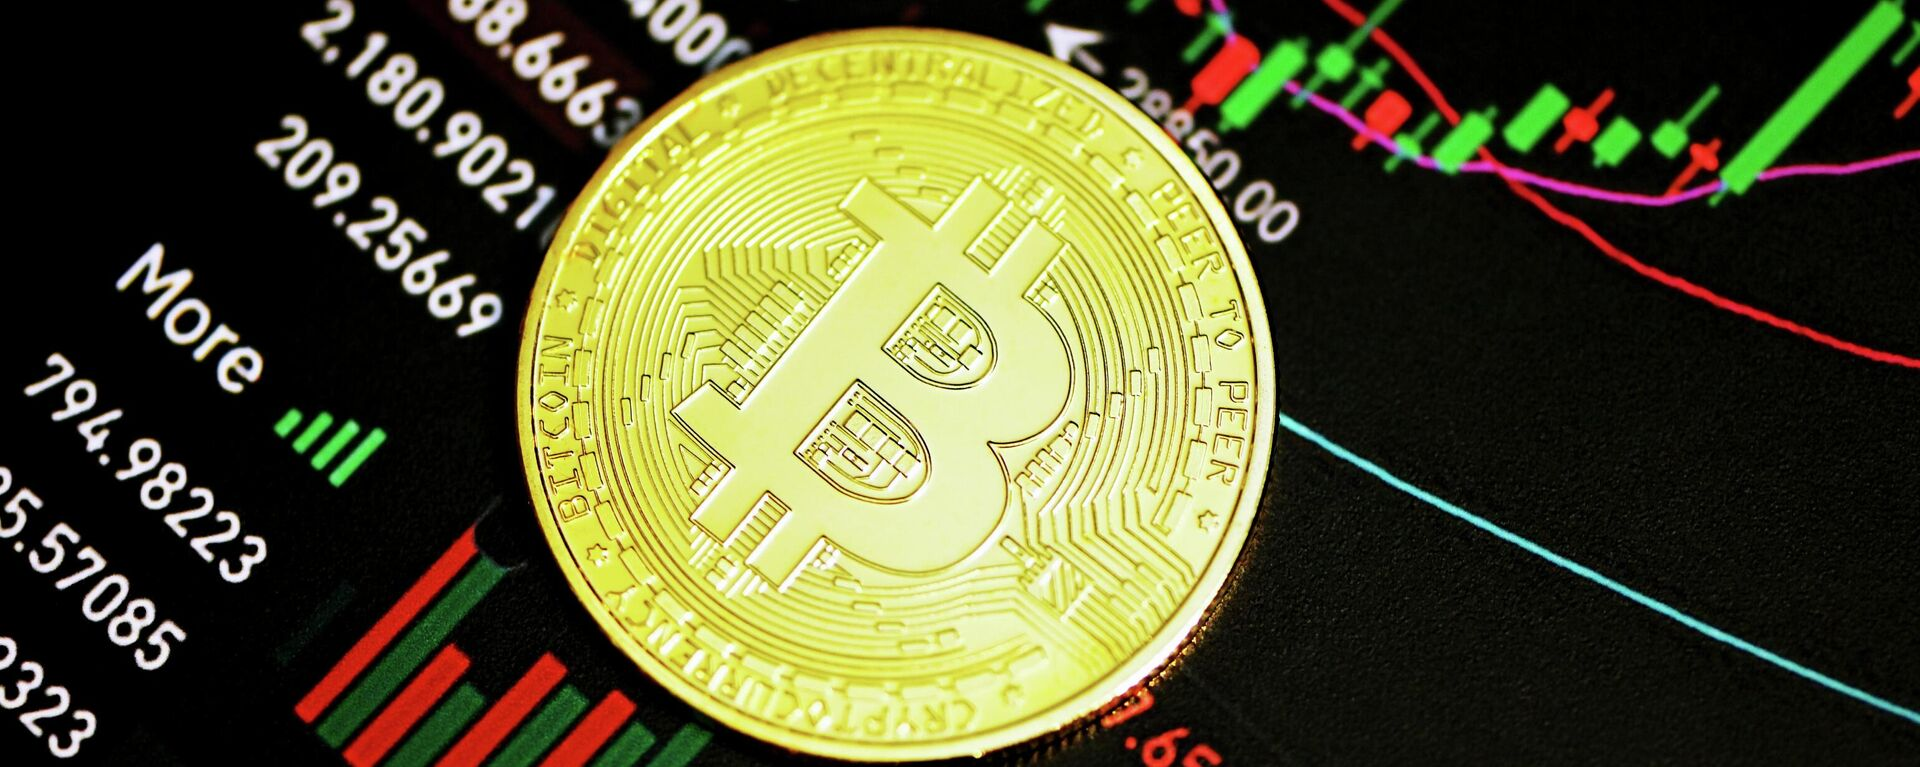 Bitcoin - Sputnik Mundo, 1920, 01.07.2021